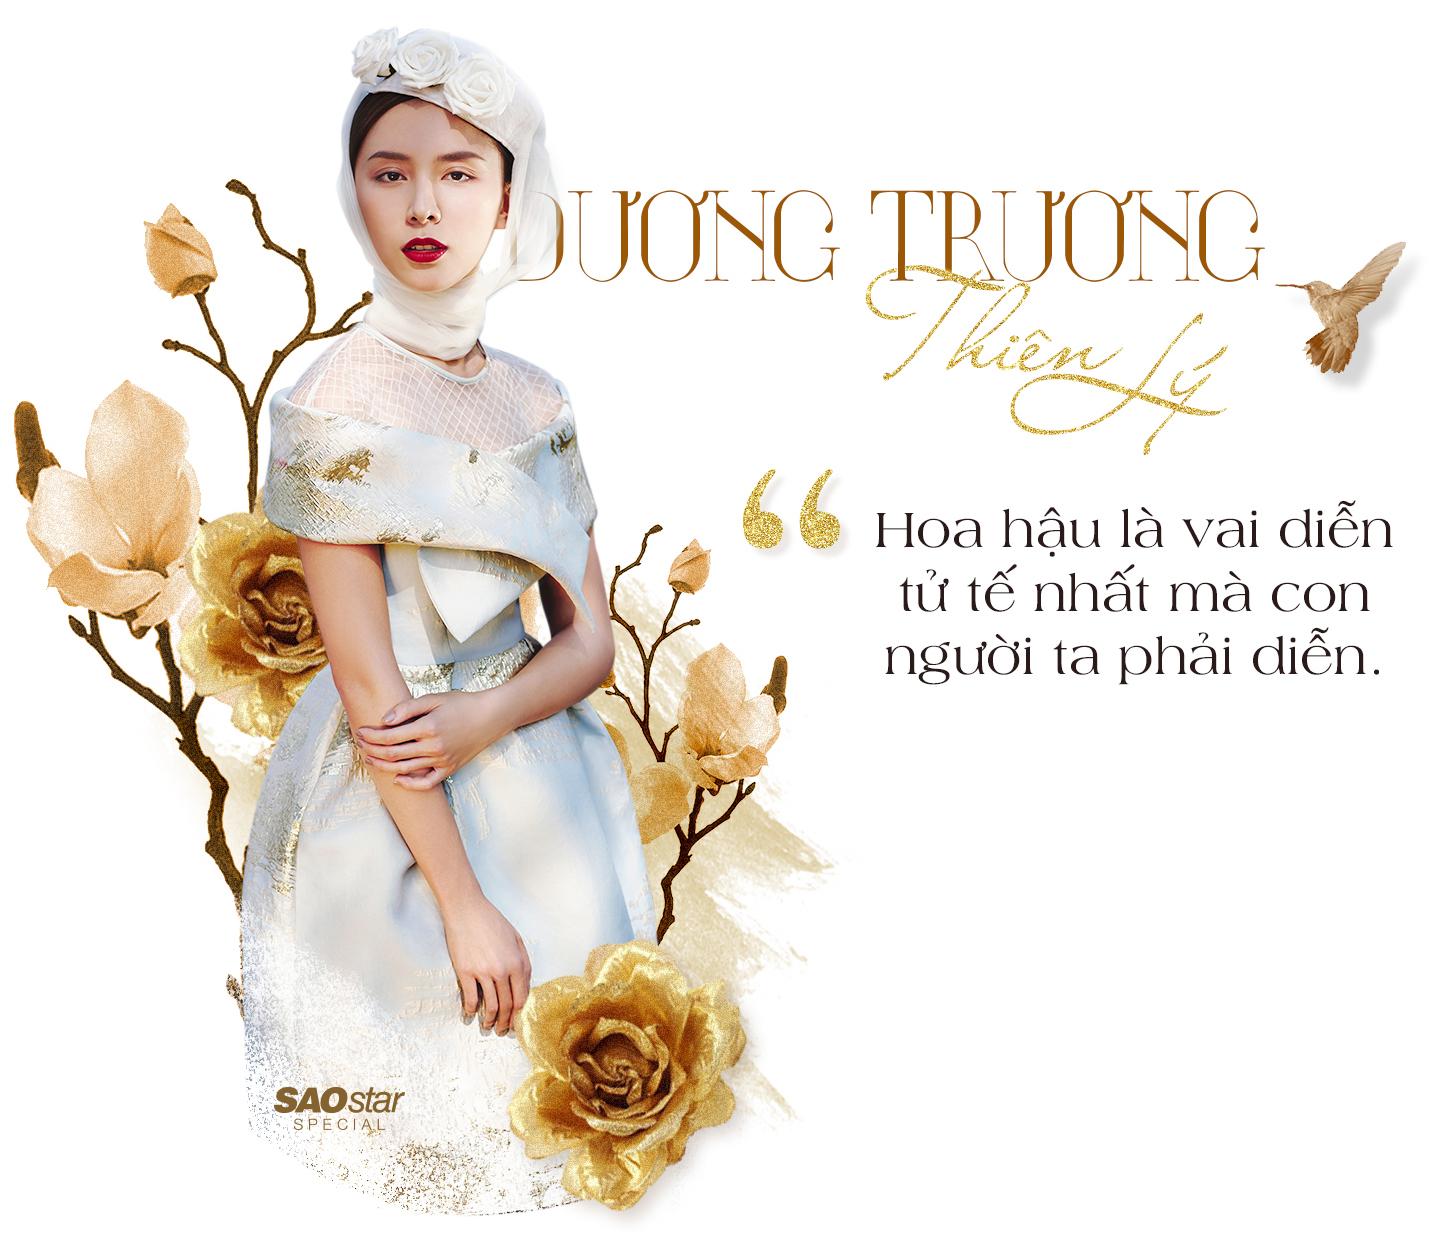 Dương Trương Thiên Lý: 'Hoa hậu là vai diễn tử tế nhất mà con người ta phải diễn'